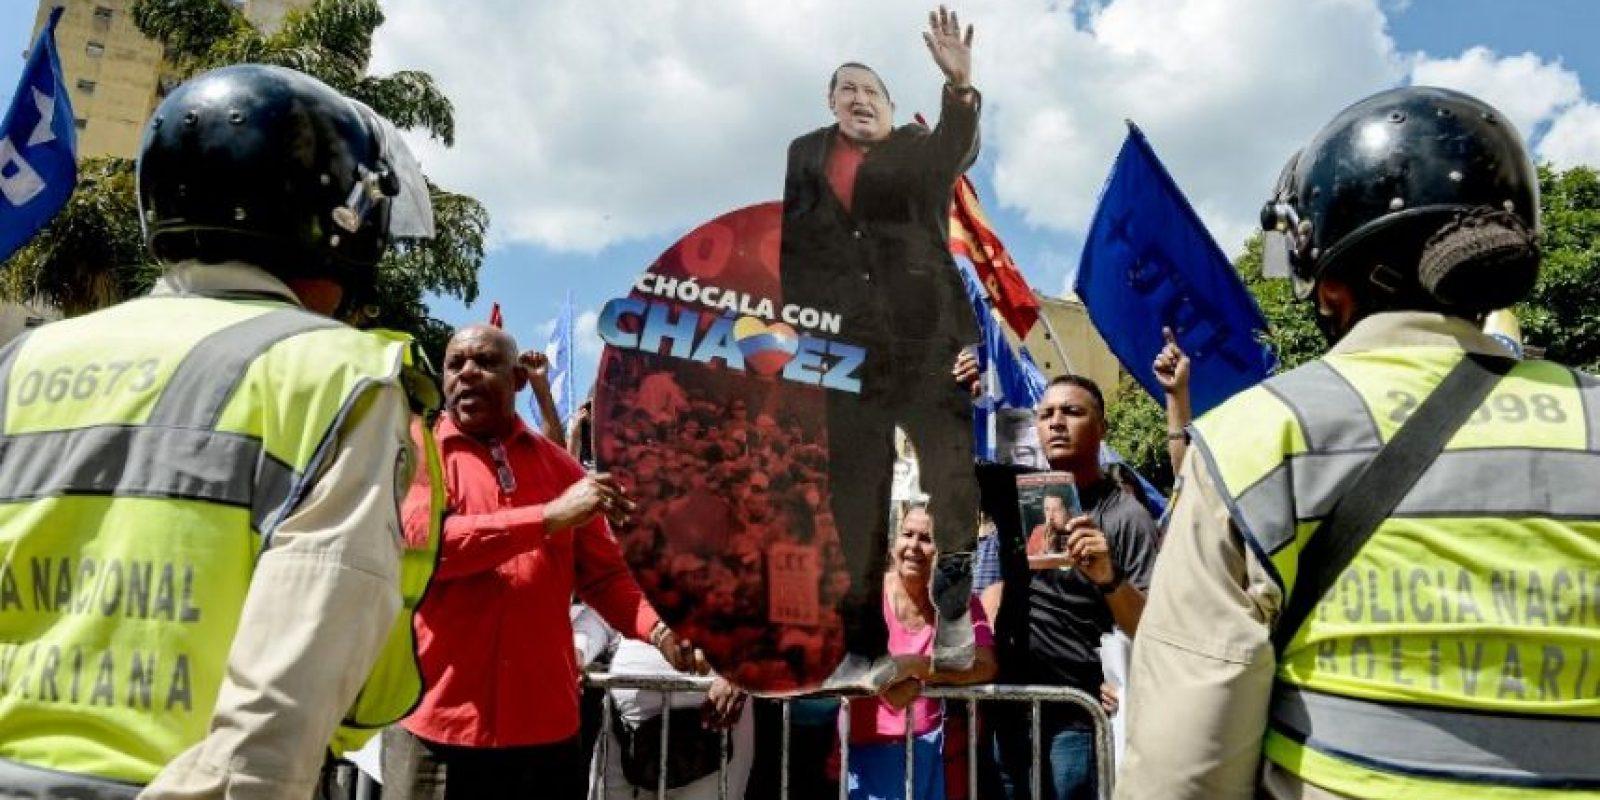 Con imágenes de Chávez y Simón Bolívar recorrieron las calles. Foto:AFP